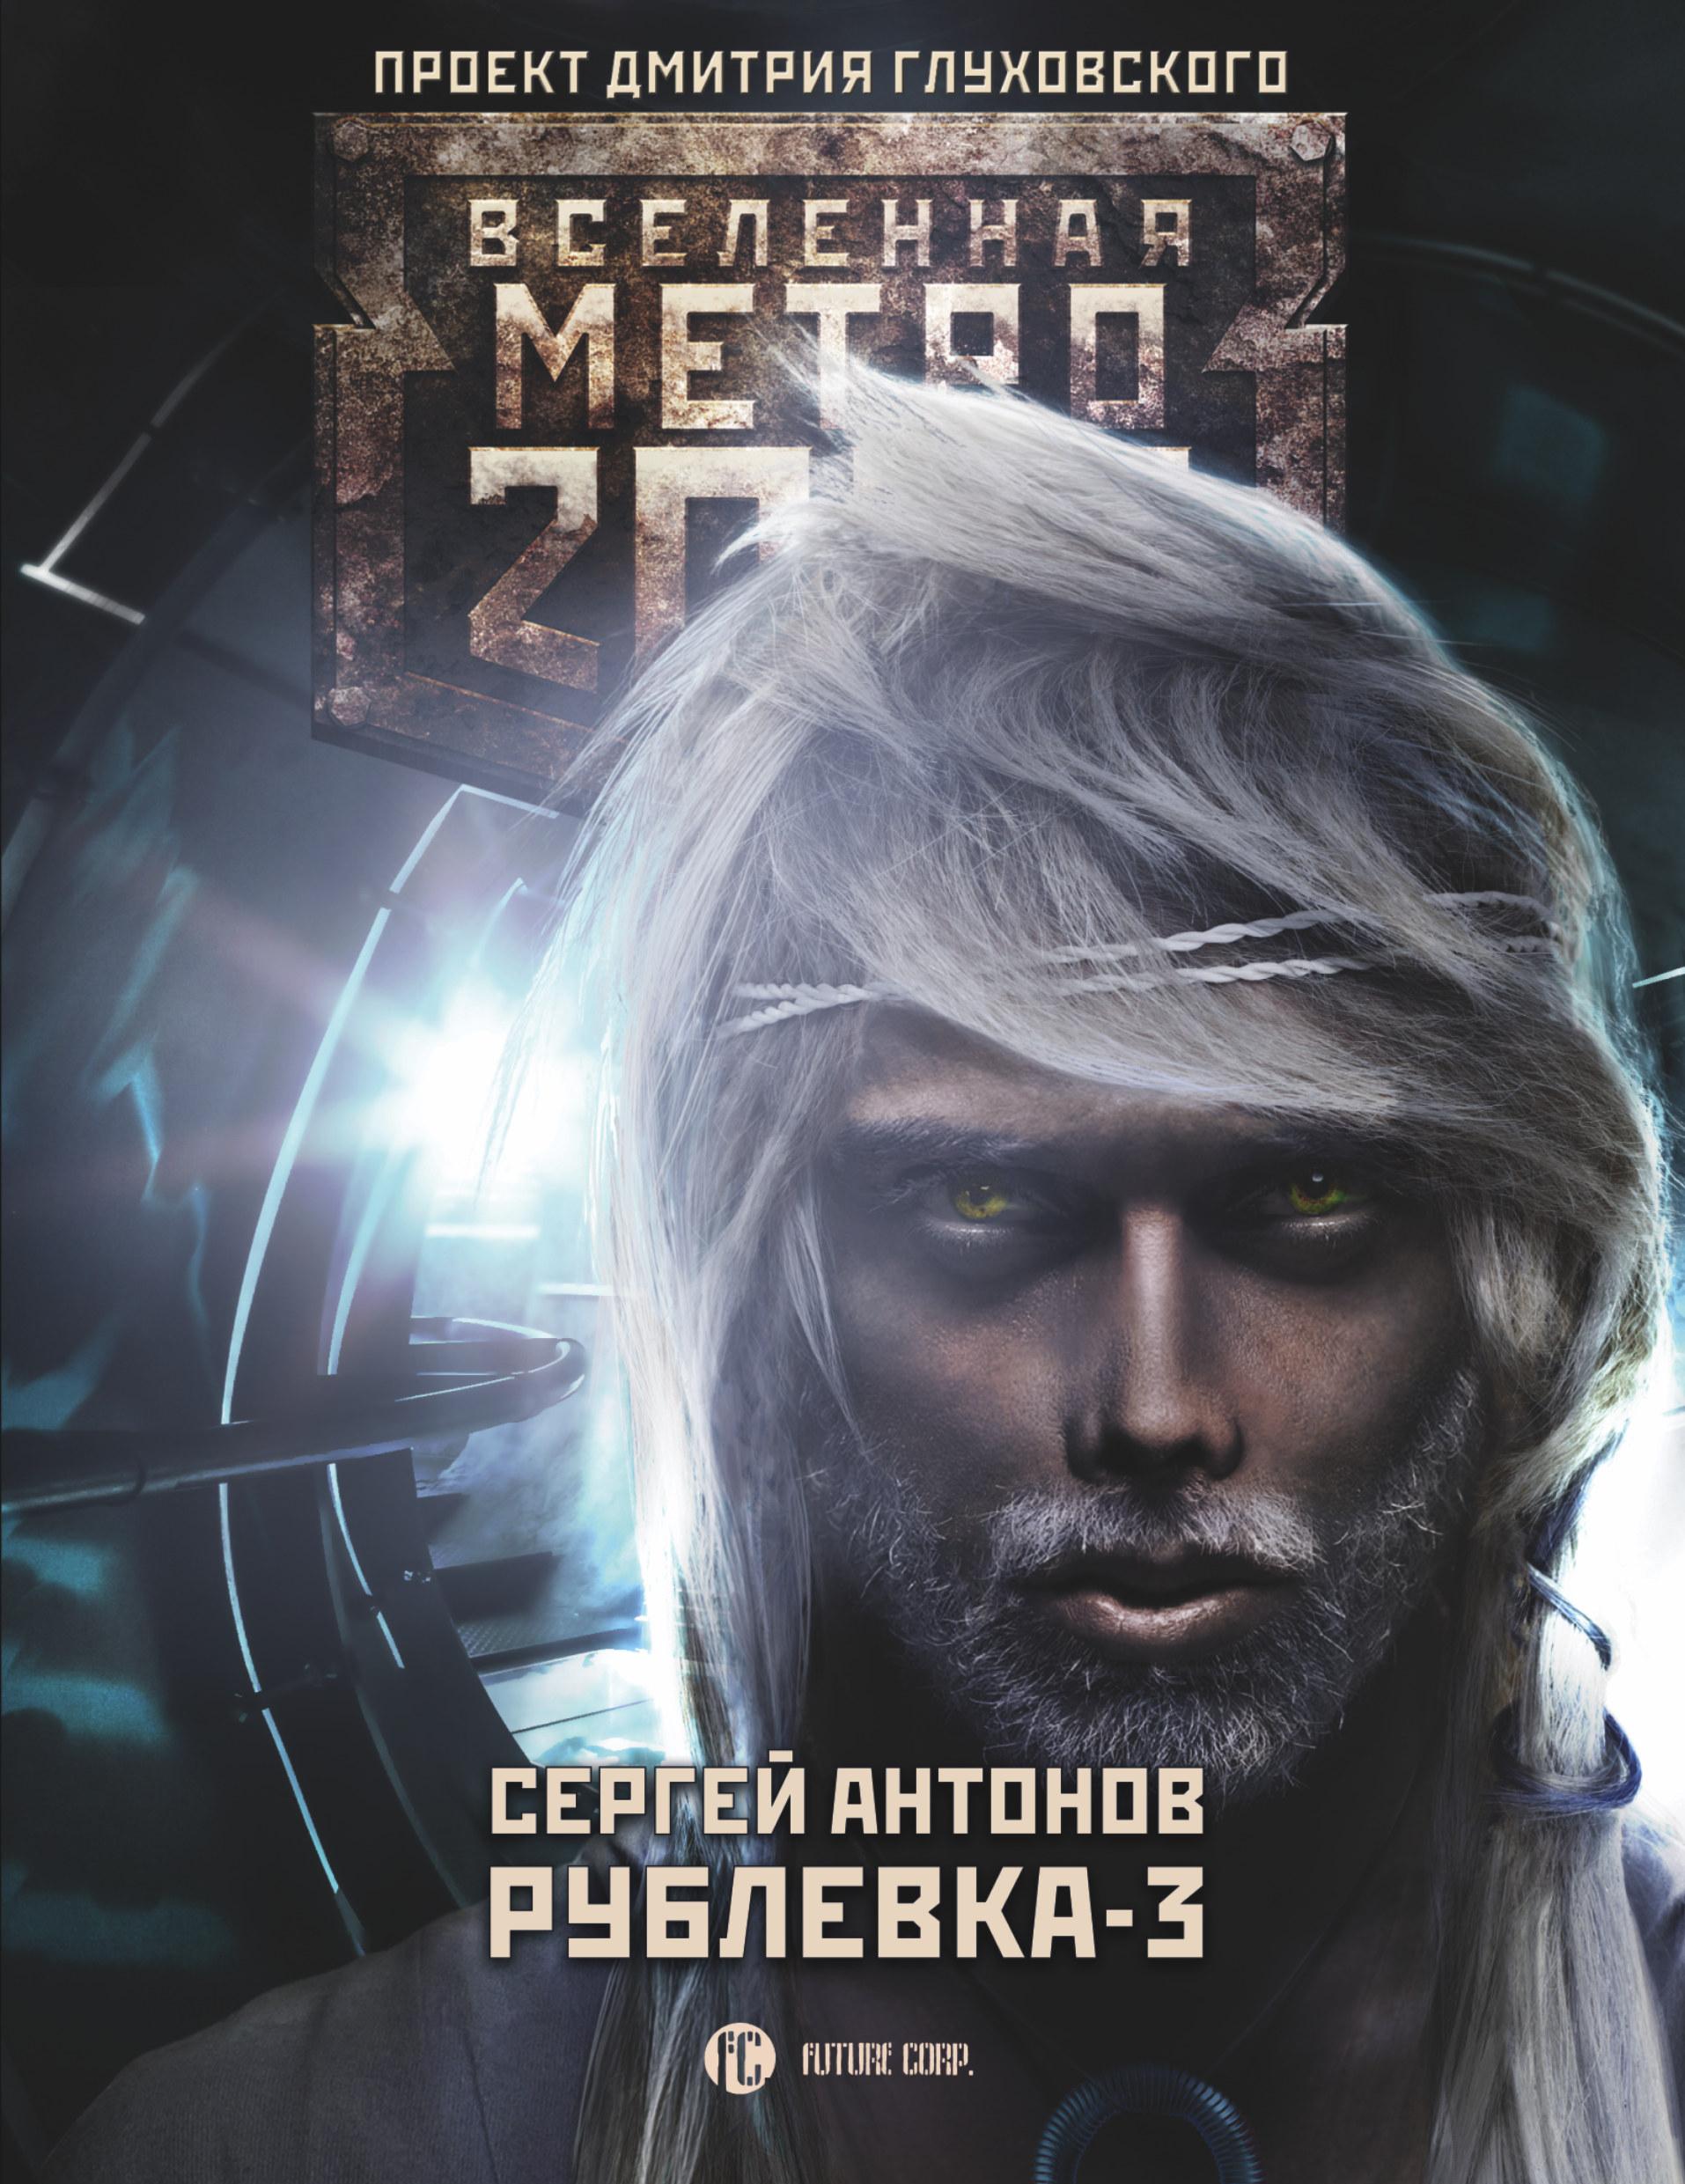 Метро 2033: Рублевка-3. Книга мертвых ( Антонов Сергей Валентинович  )